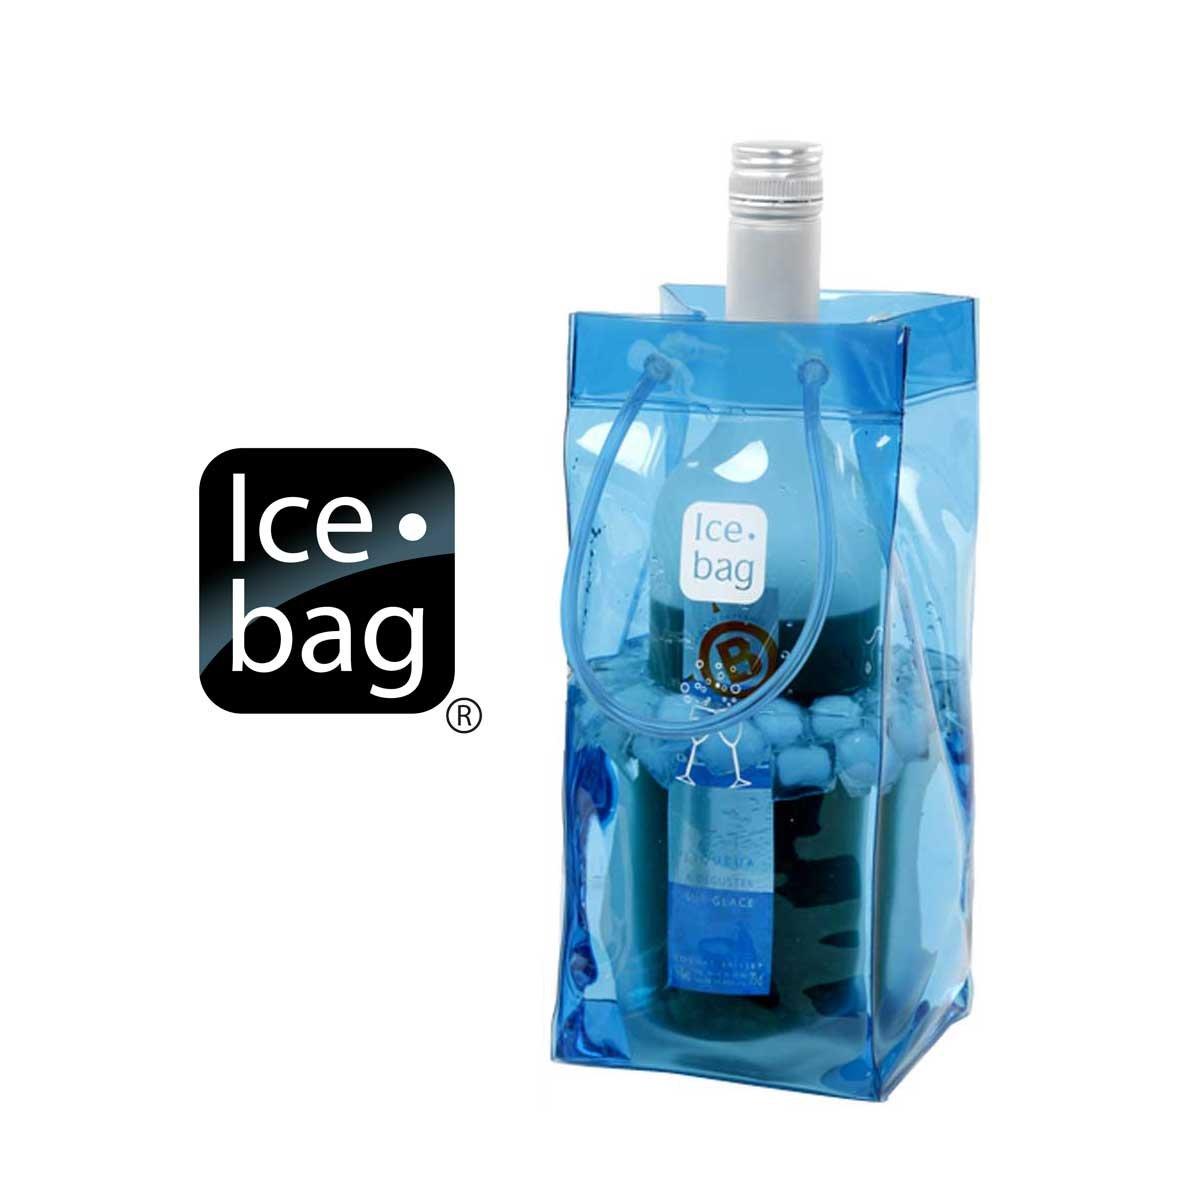 Portable Ice Bag - Blue HomeAndWine.com COMINHKR019696